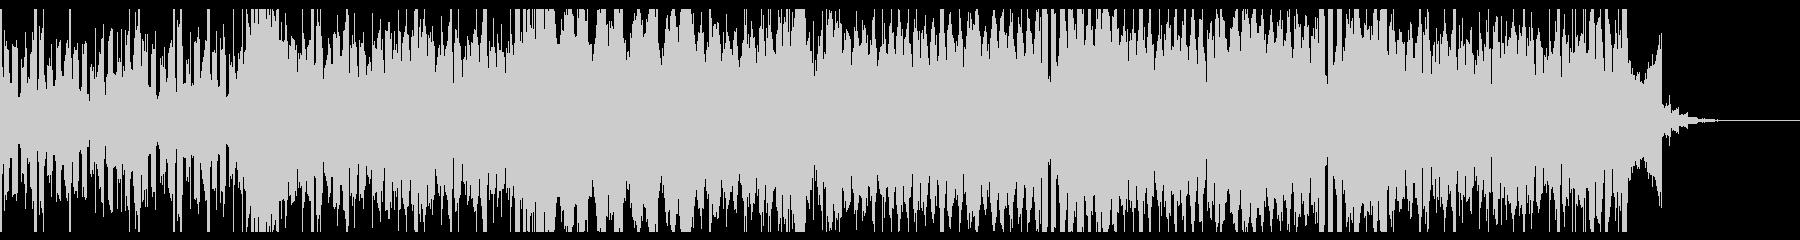 シンセを使った明るい雰囲気のBGMです。の未再生の波形